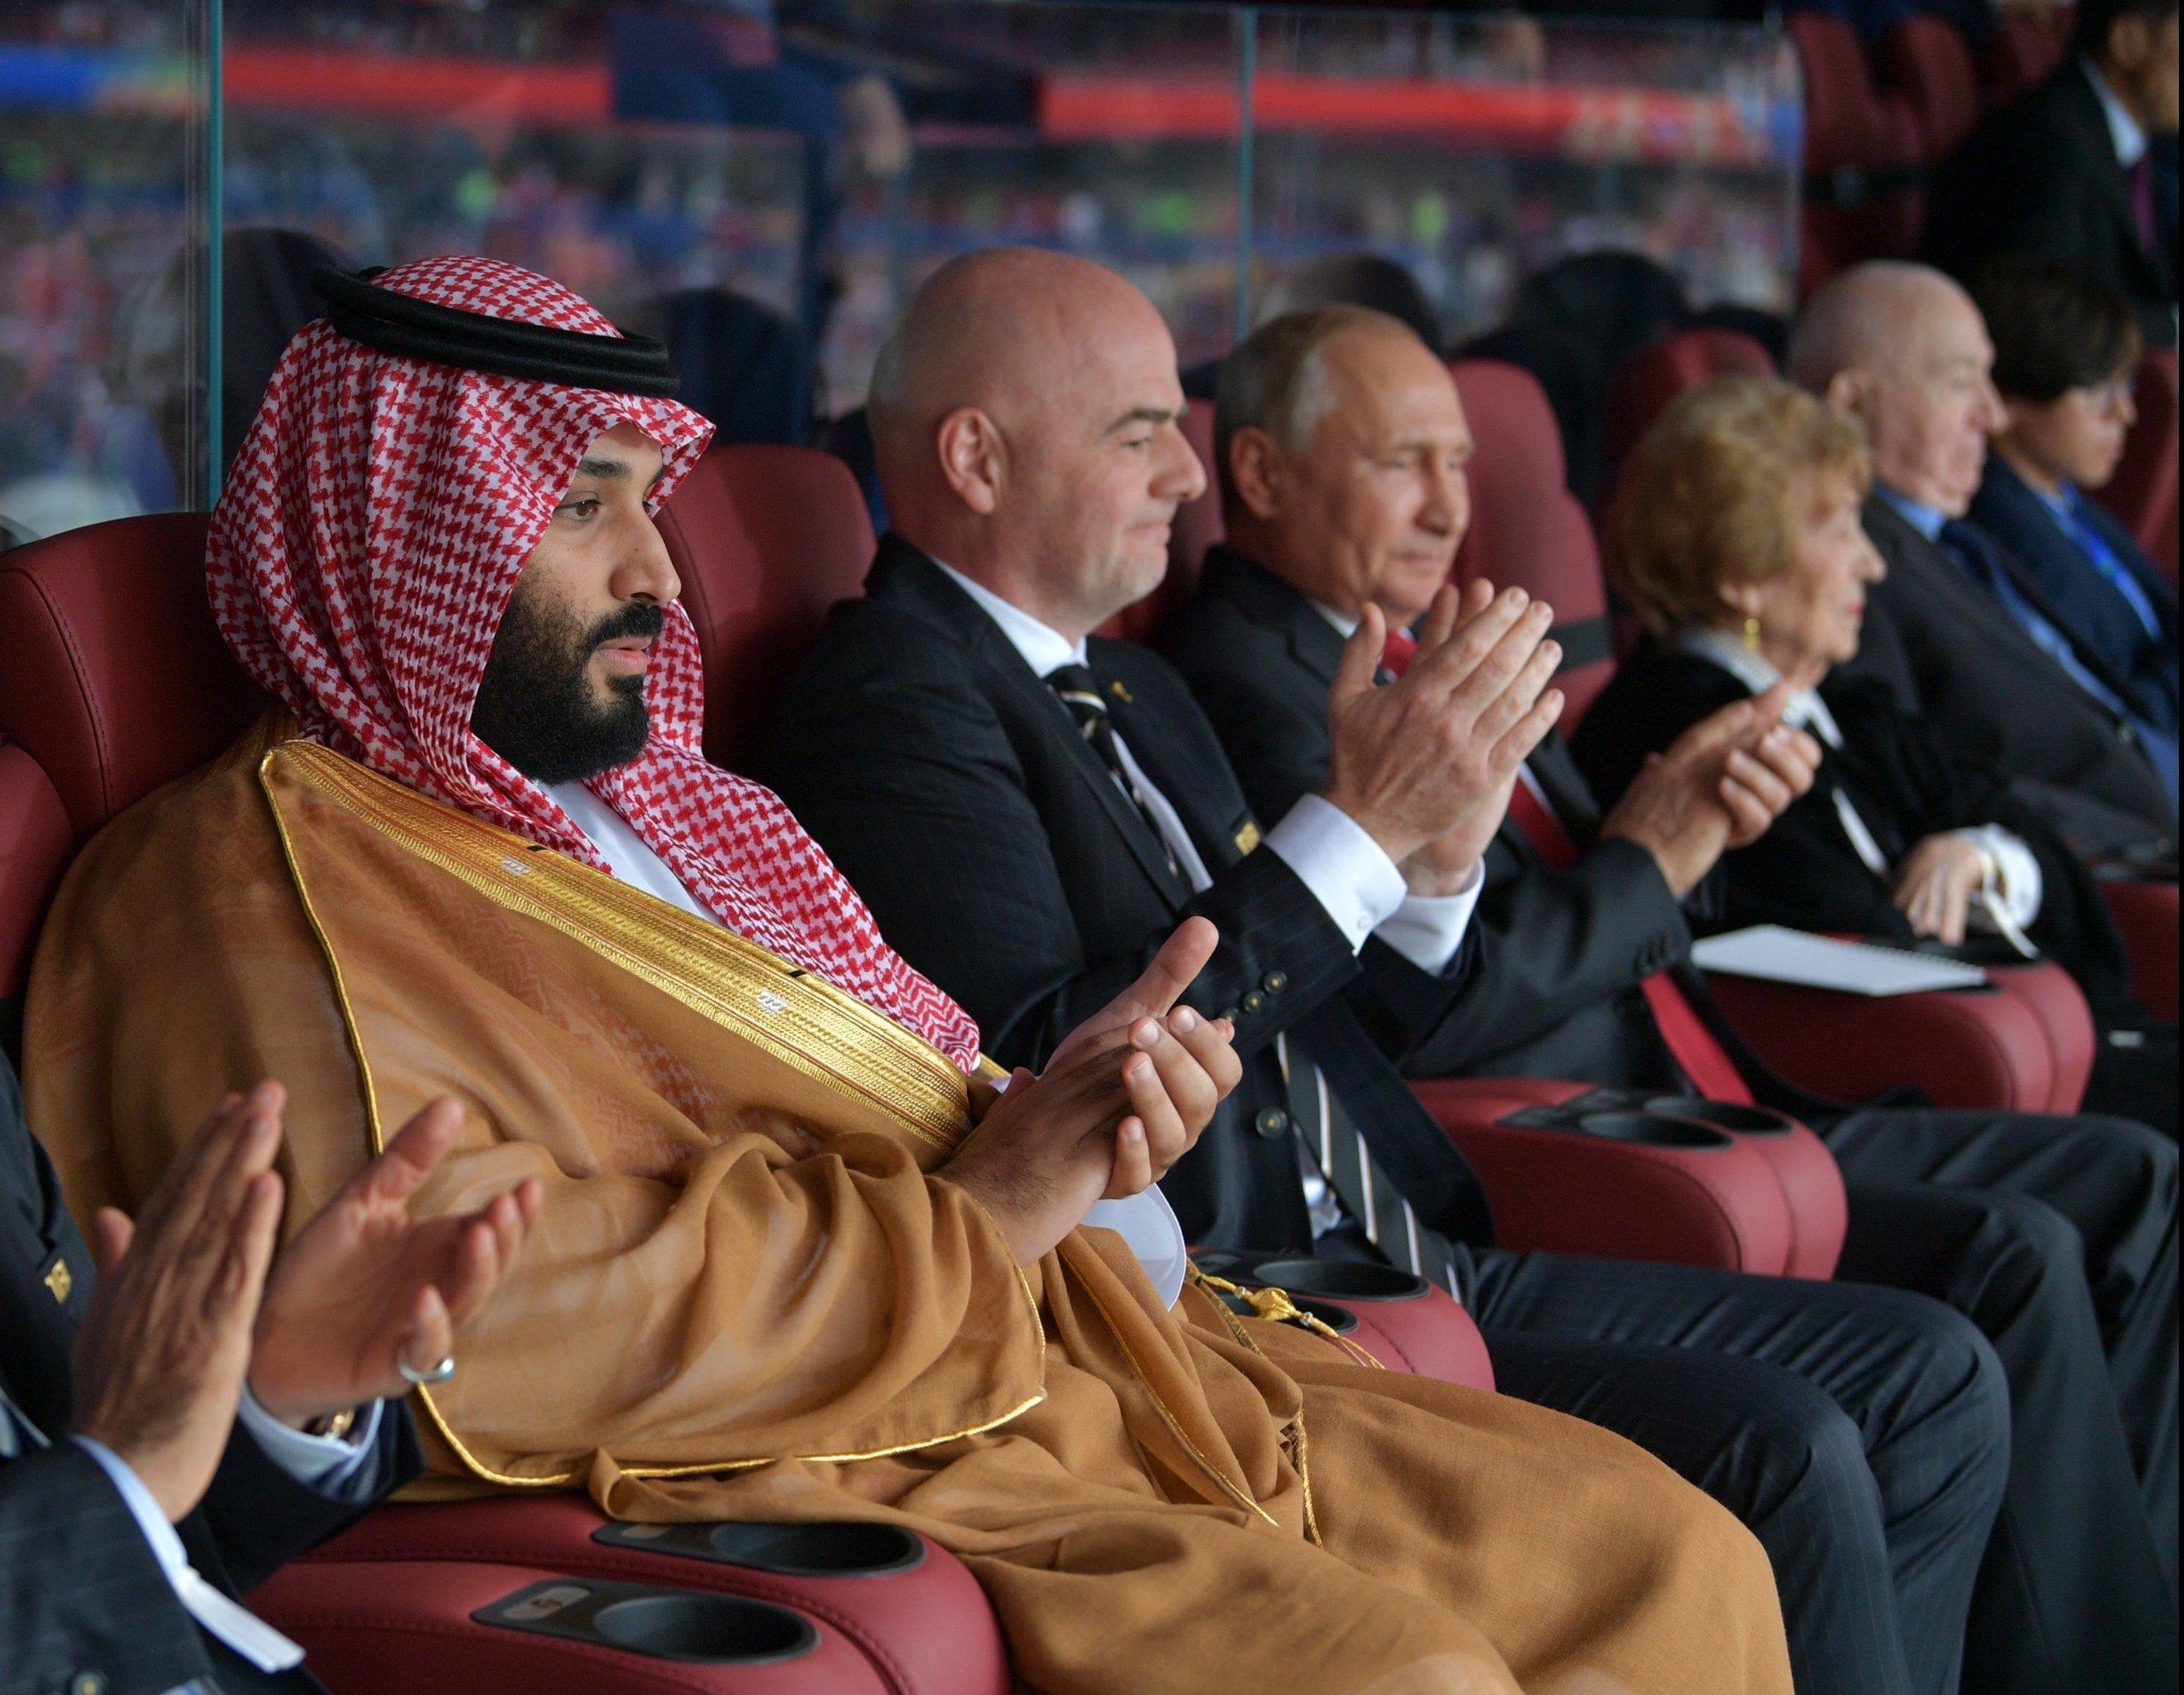 Владимир Путин, президент FIFA Джанни Инфантино и наследный принц Саудовской Аравии Мухаммед ибн Салман Аль Сауд на  открытии ЧМ-2018